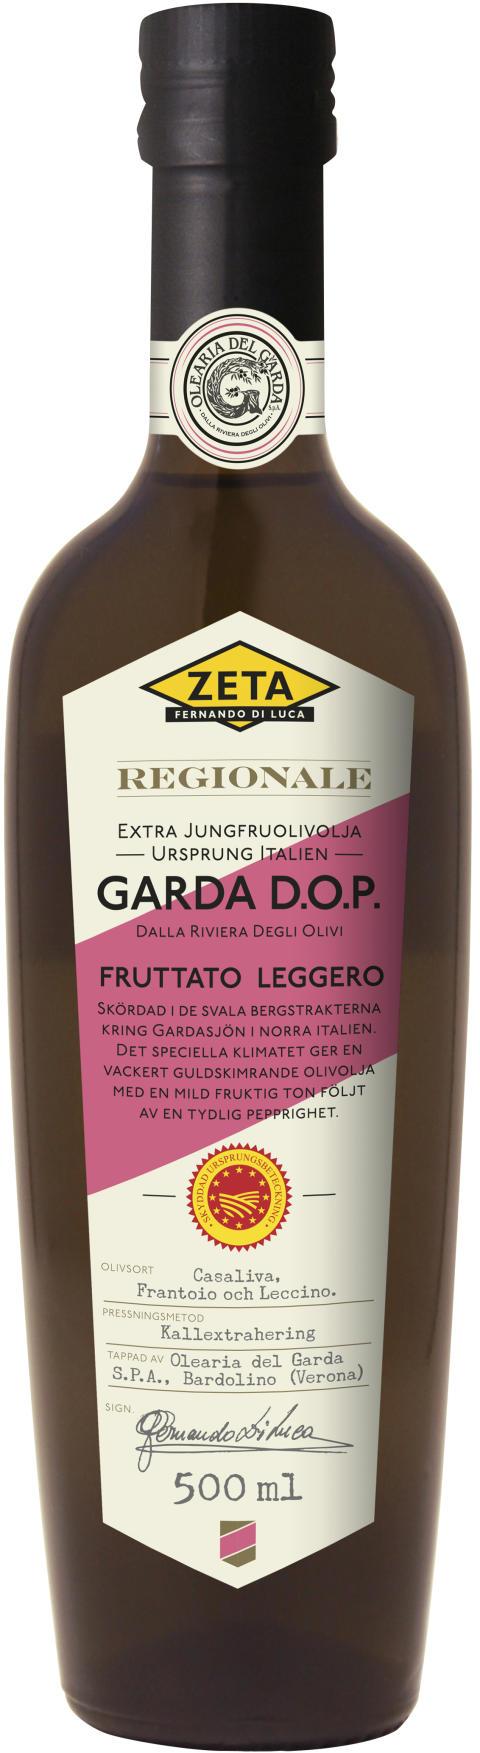 Regionsolja Garda D.O.P. produktbild